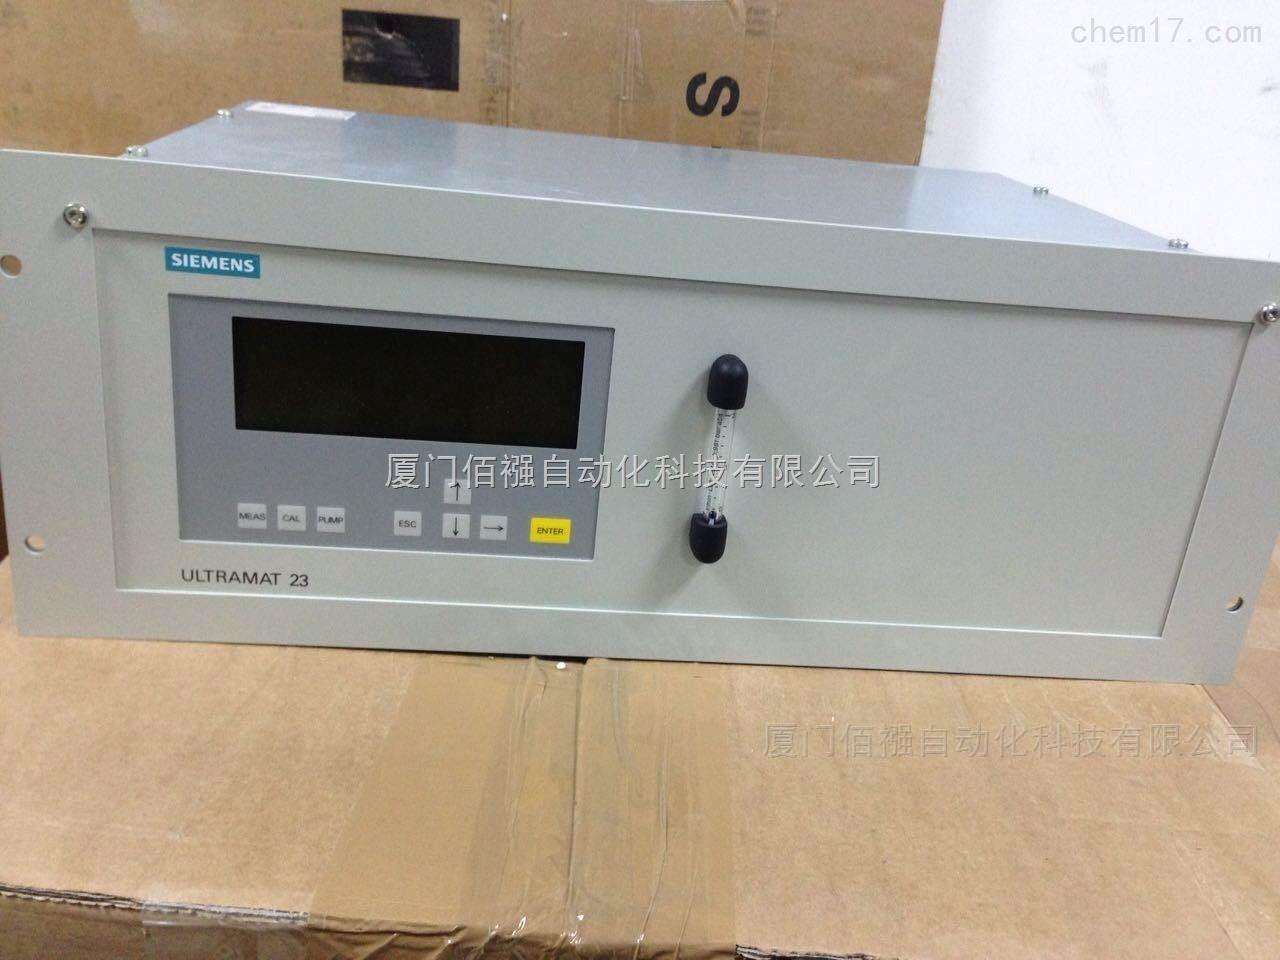 u23西门子气体分析仪